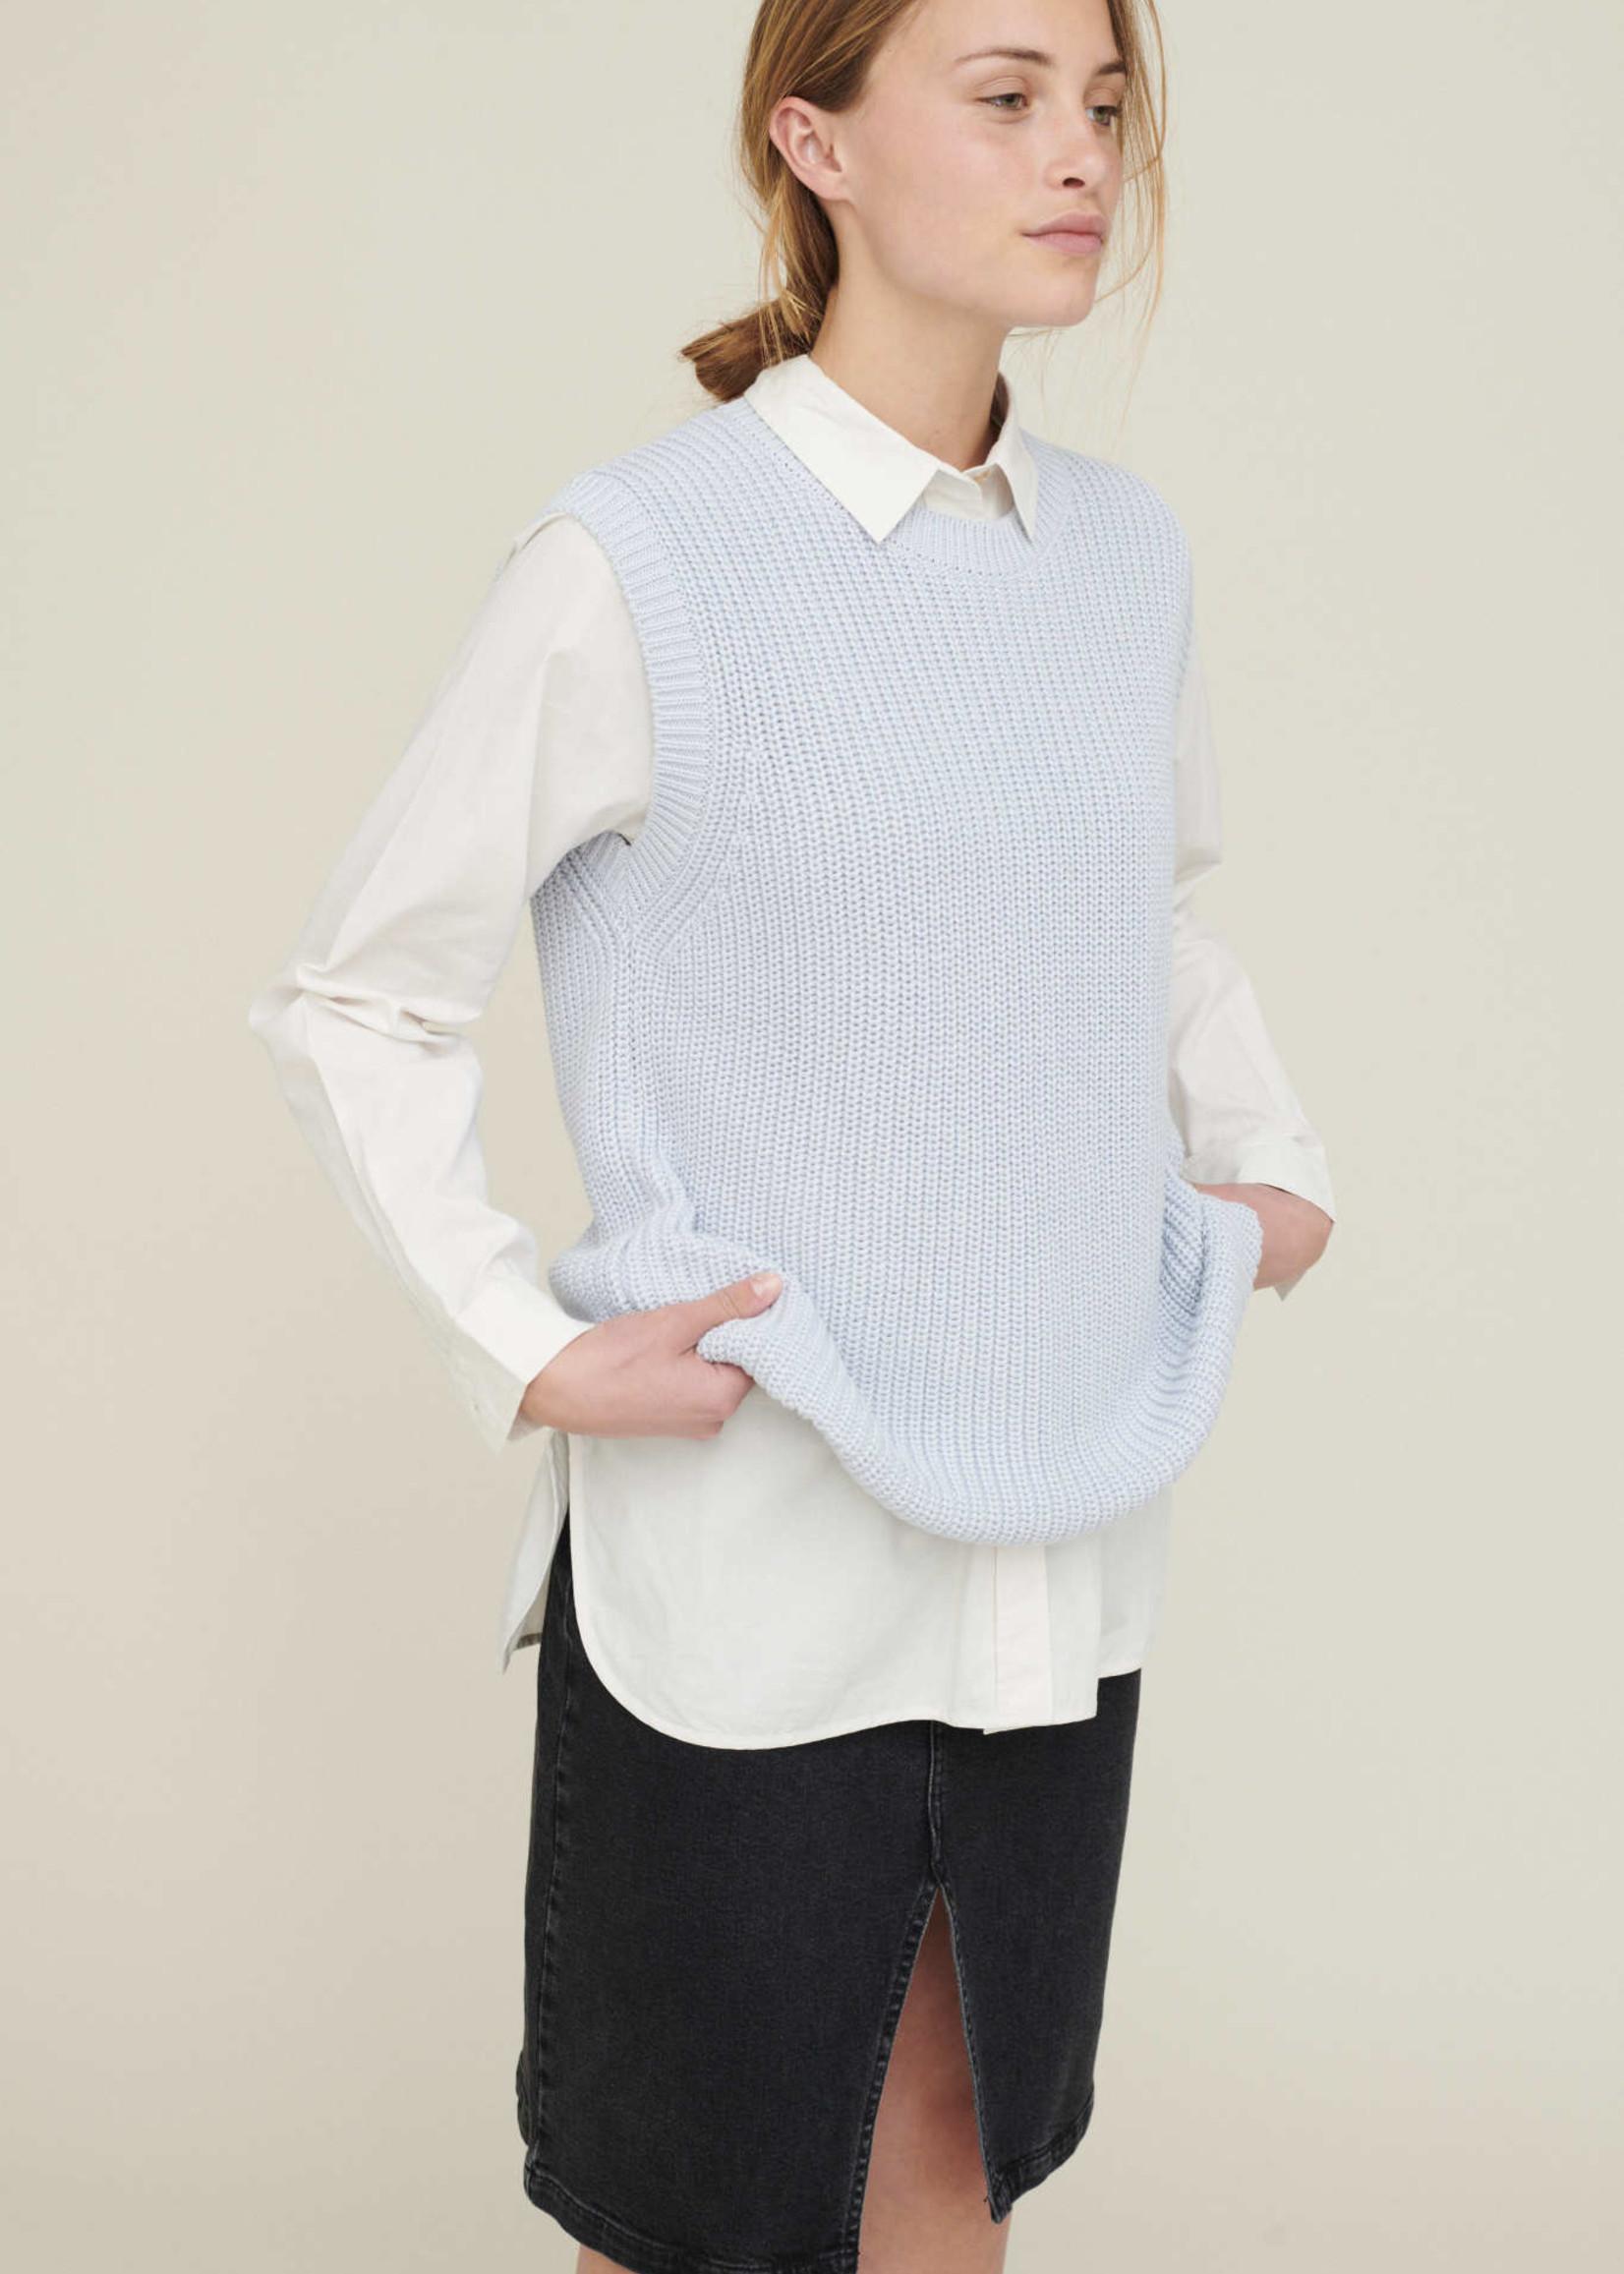 Basic Apparel Vilde Shirt